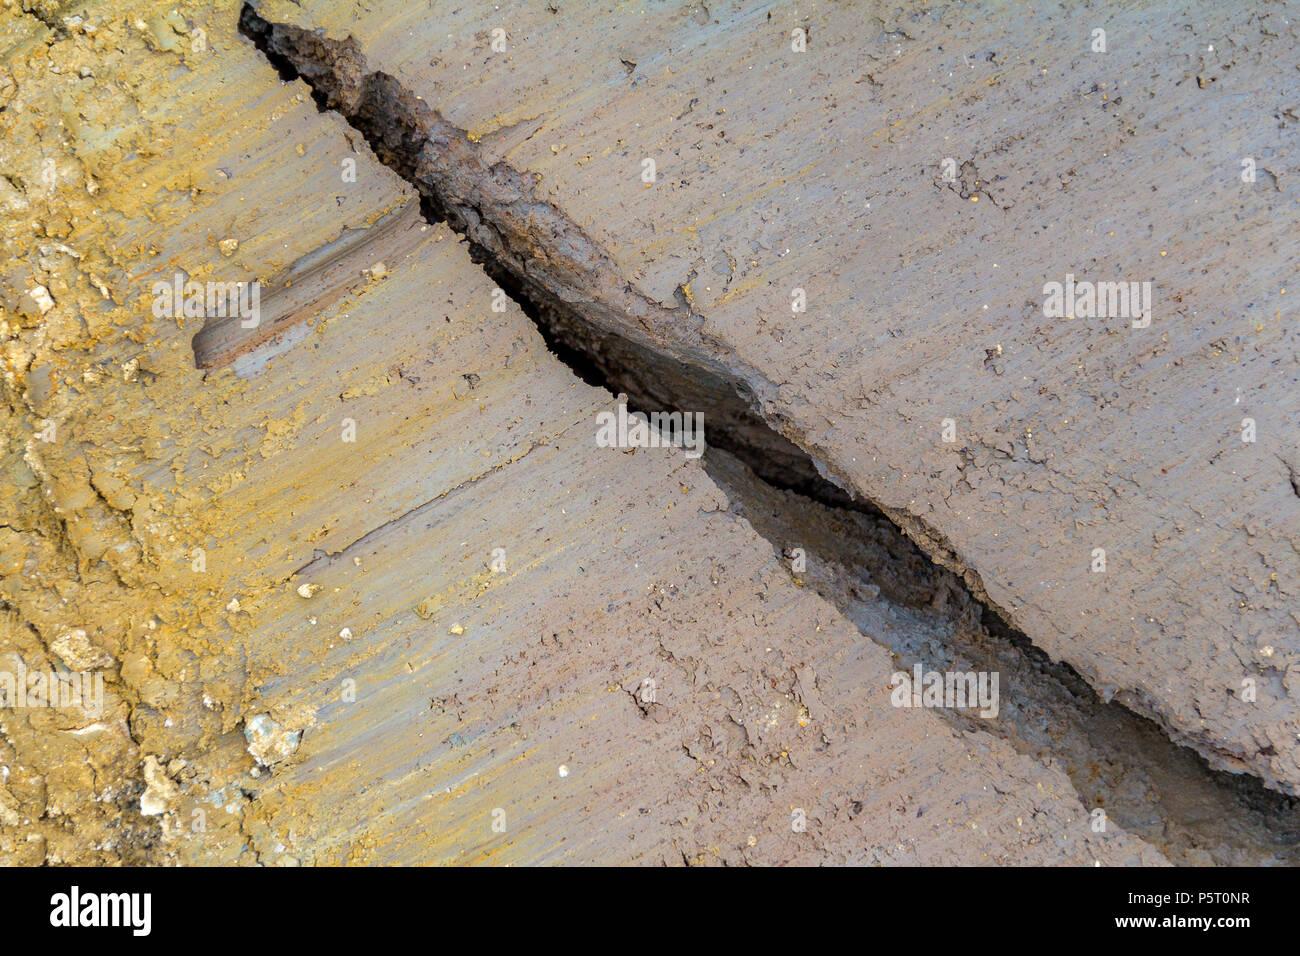 Schöne farbige full frame abstrakte Bodenstruktur einschließlich einer Spalte Stockbild